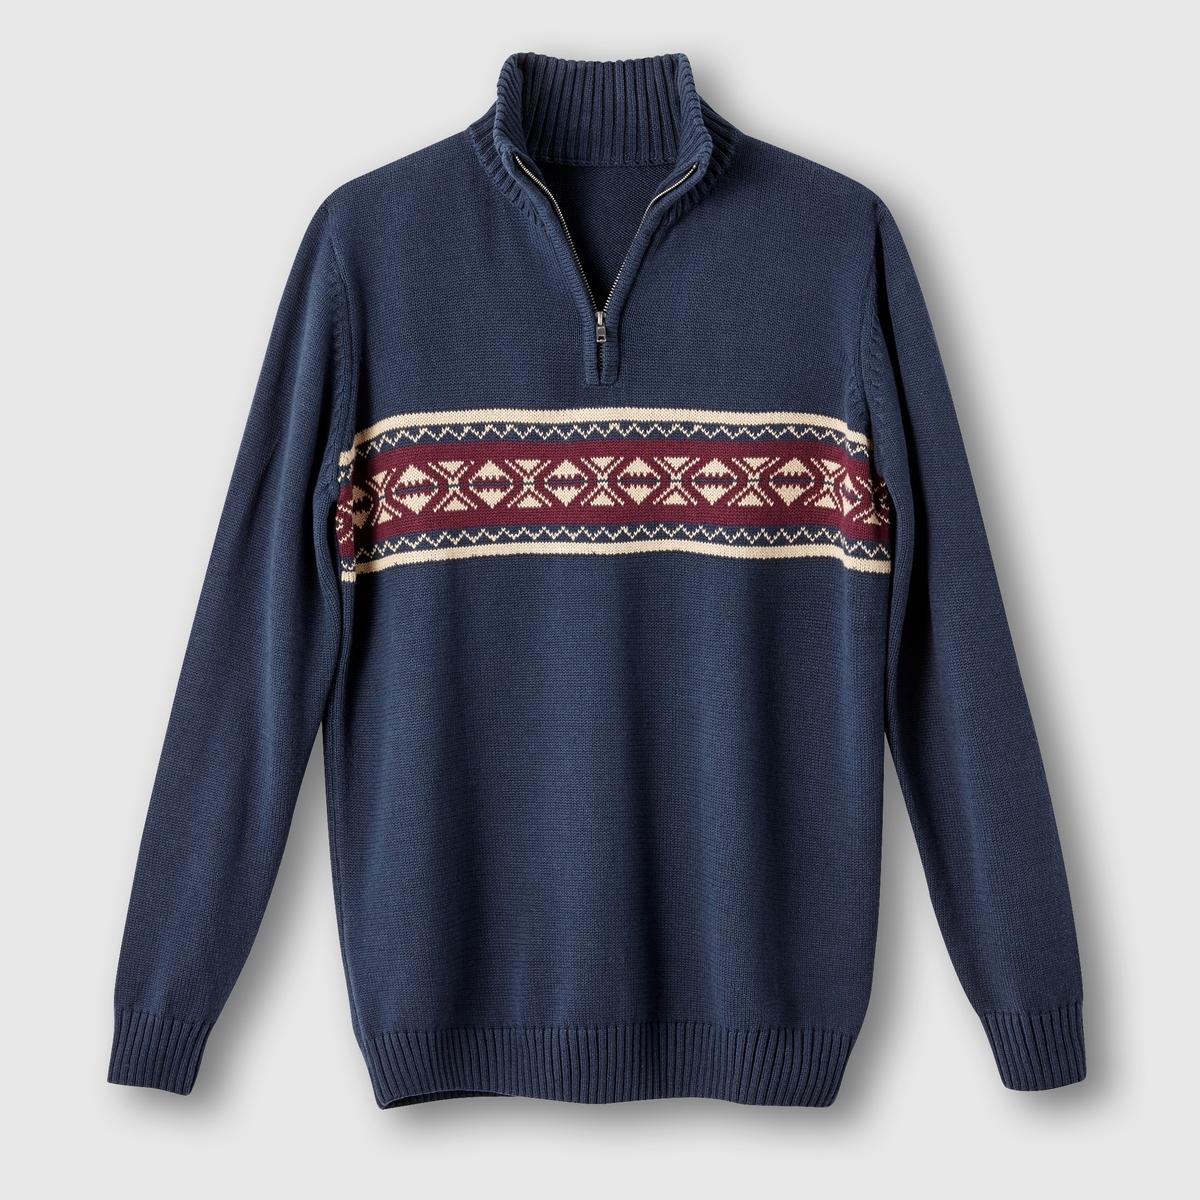 Пуловер жаккардовыйс воротником на молнии